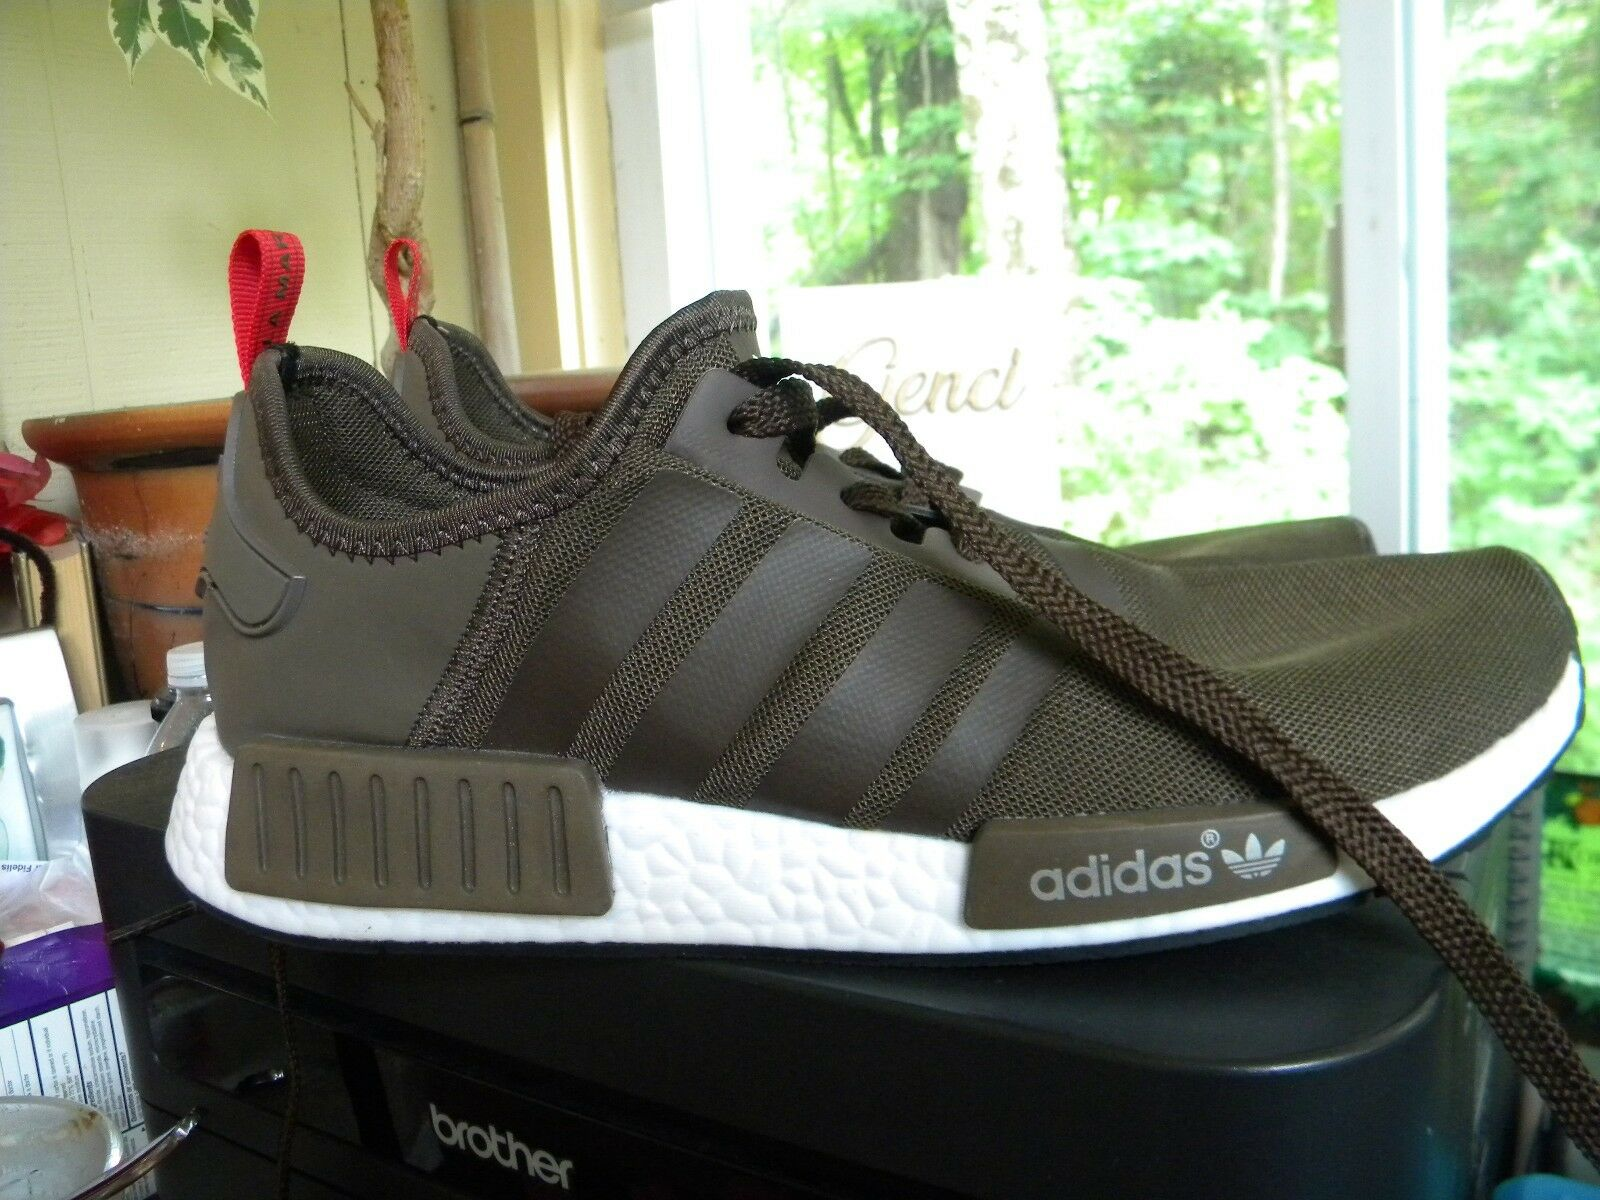 Adidas Die Weltmarke Shoes Mit Den 3 Streifen brown/red/white Athletic Shoes Weltmarke Men's 10 9bb879